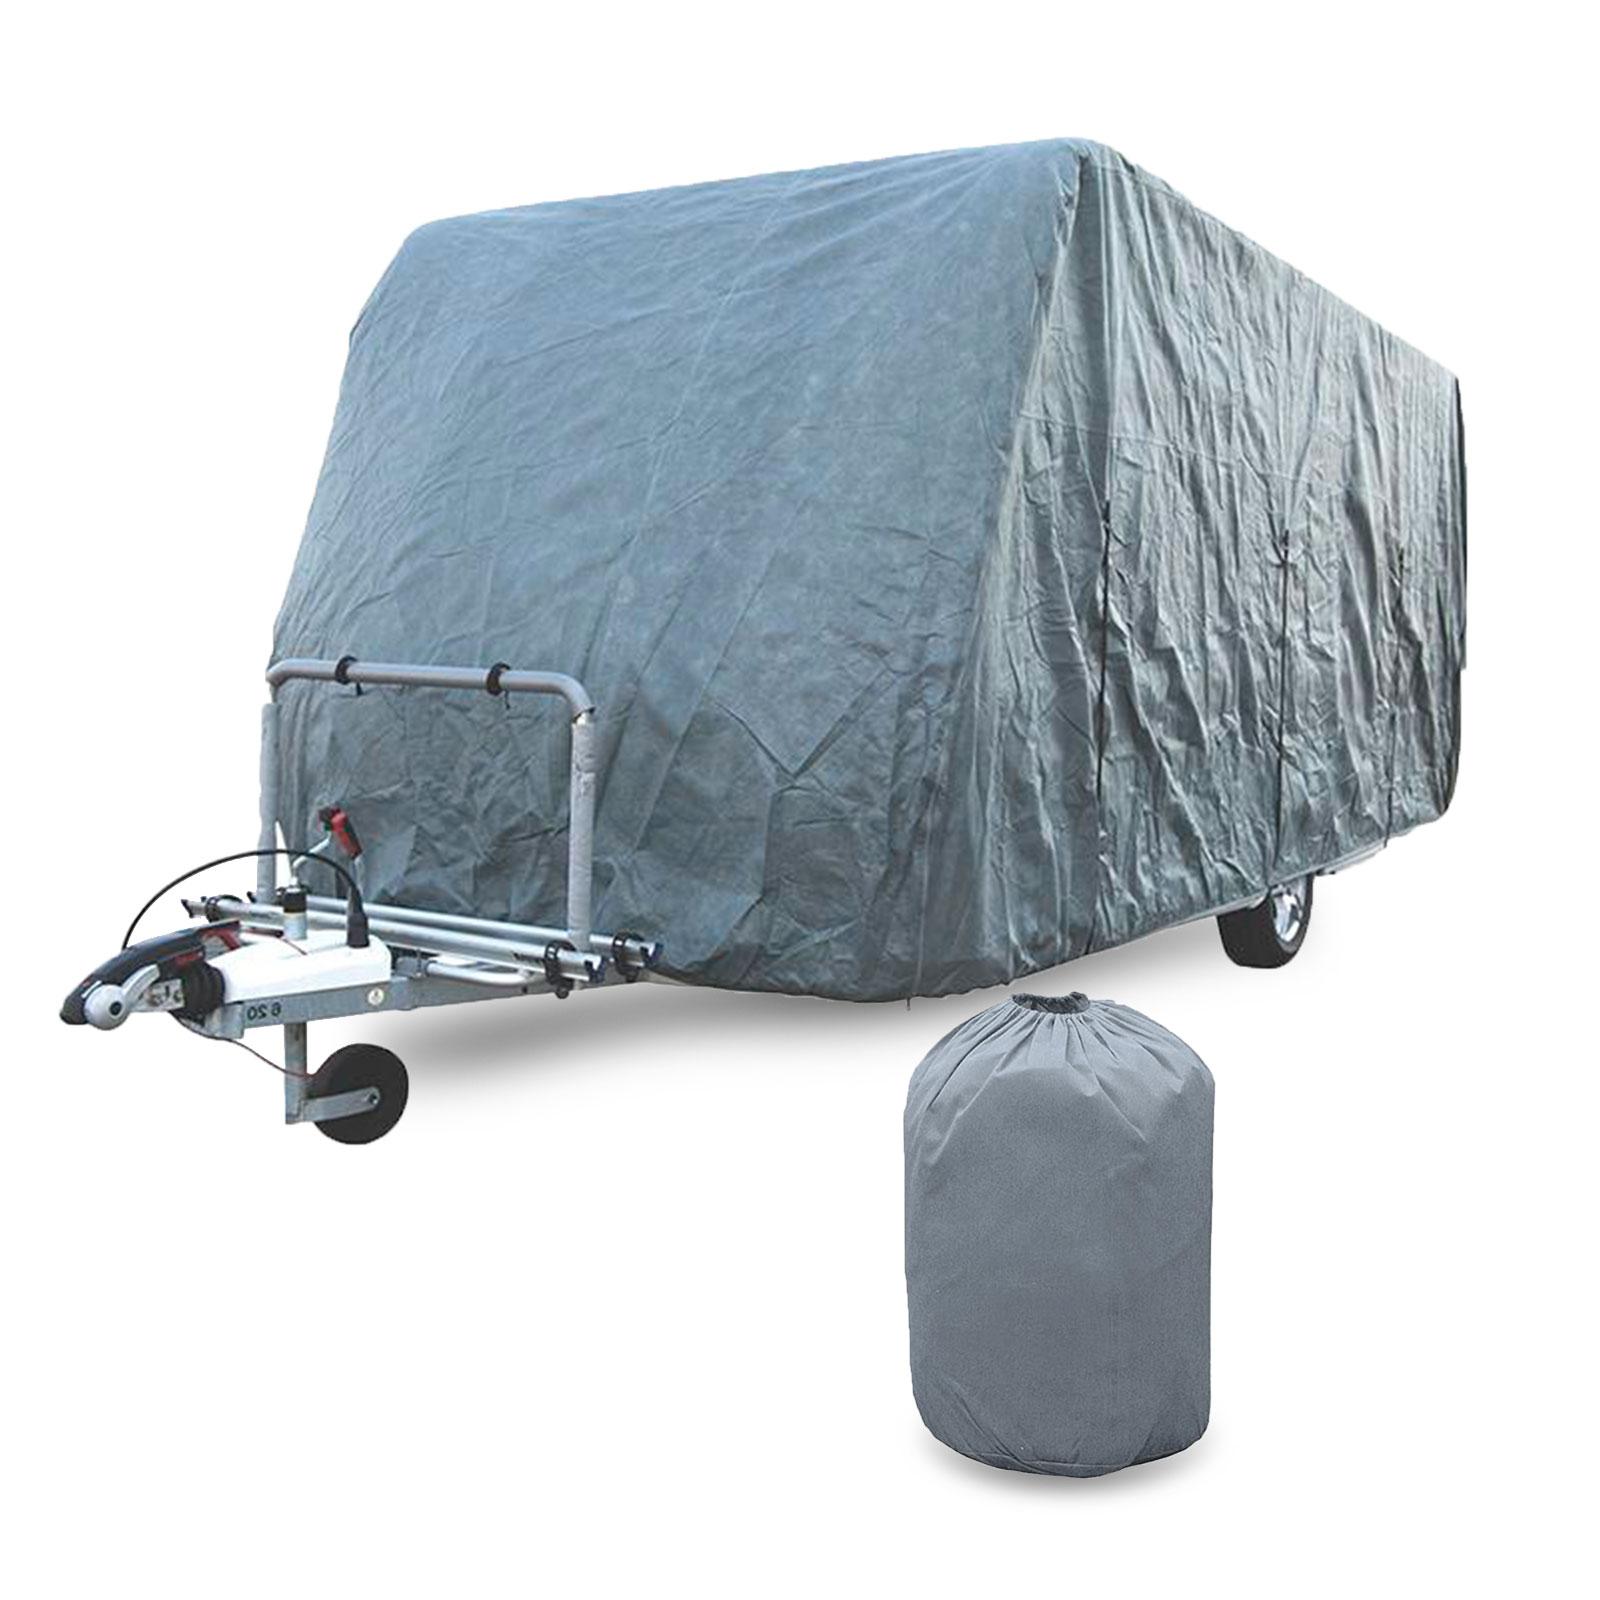 Pro Plus Wohnwagen Schutzhülle 235 x 366 bis 701cm 4 Schicht 160G/ Quadratmeter